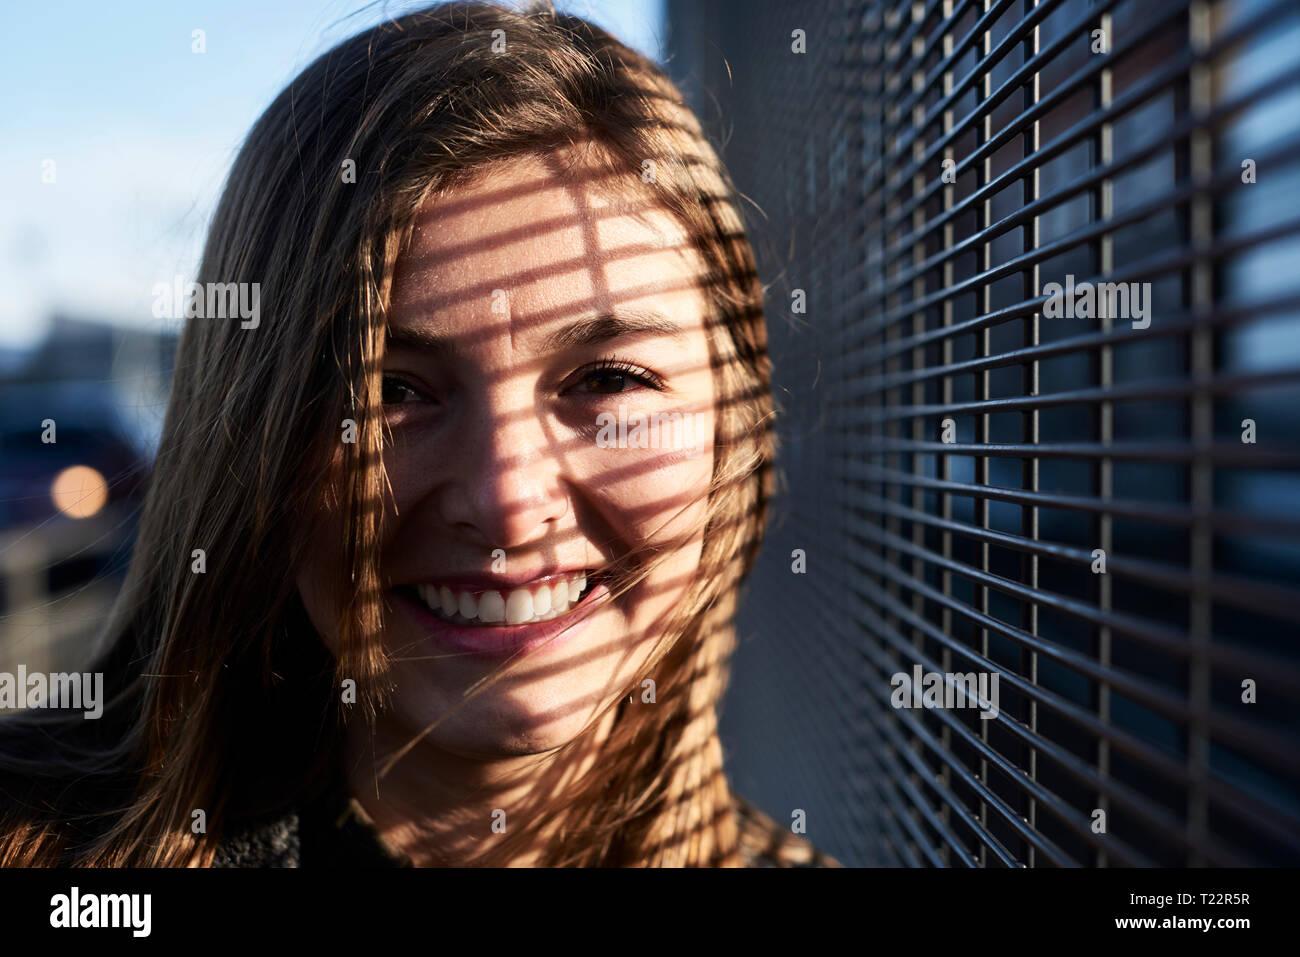 Ritratto di sorridere oung donna con sfumature sul suo viso Immagini Stock